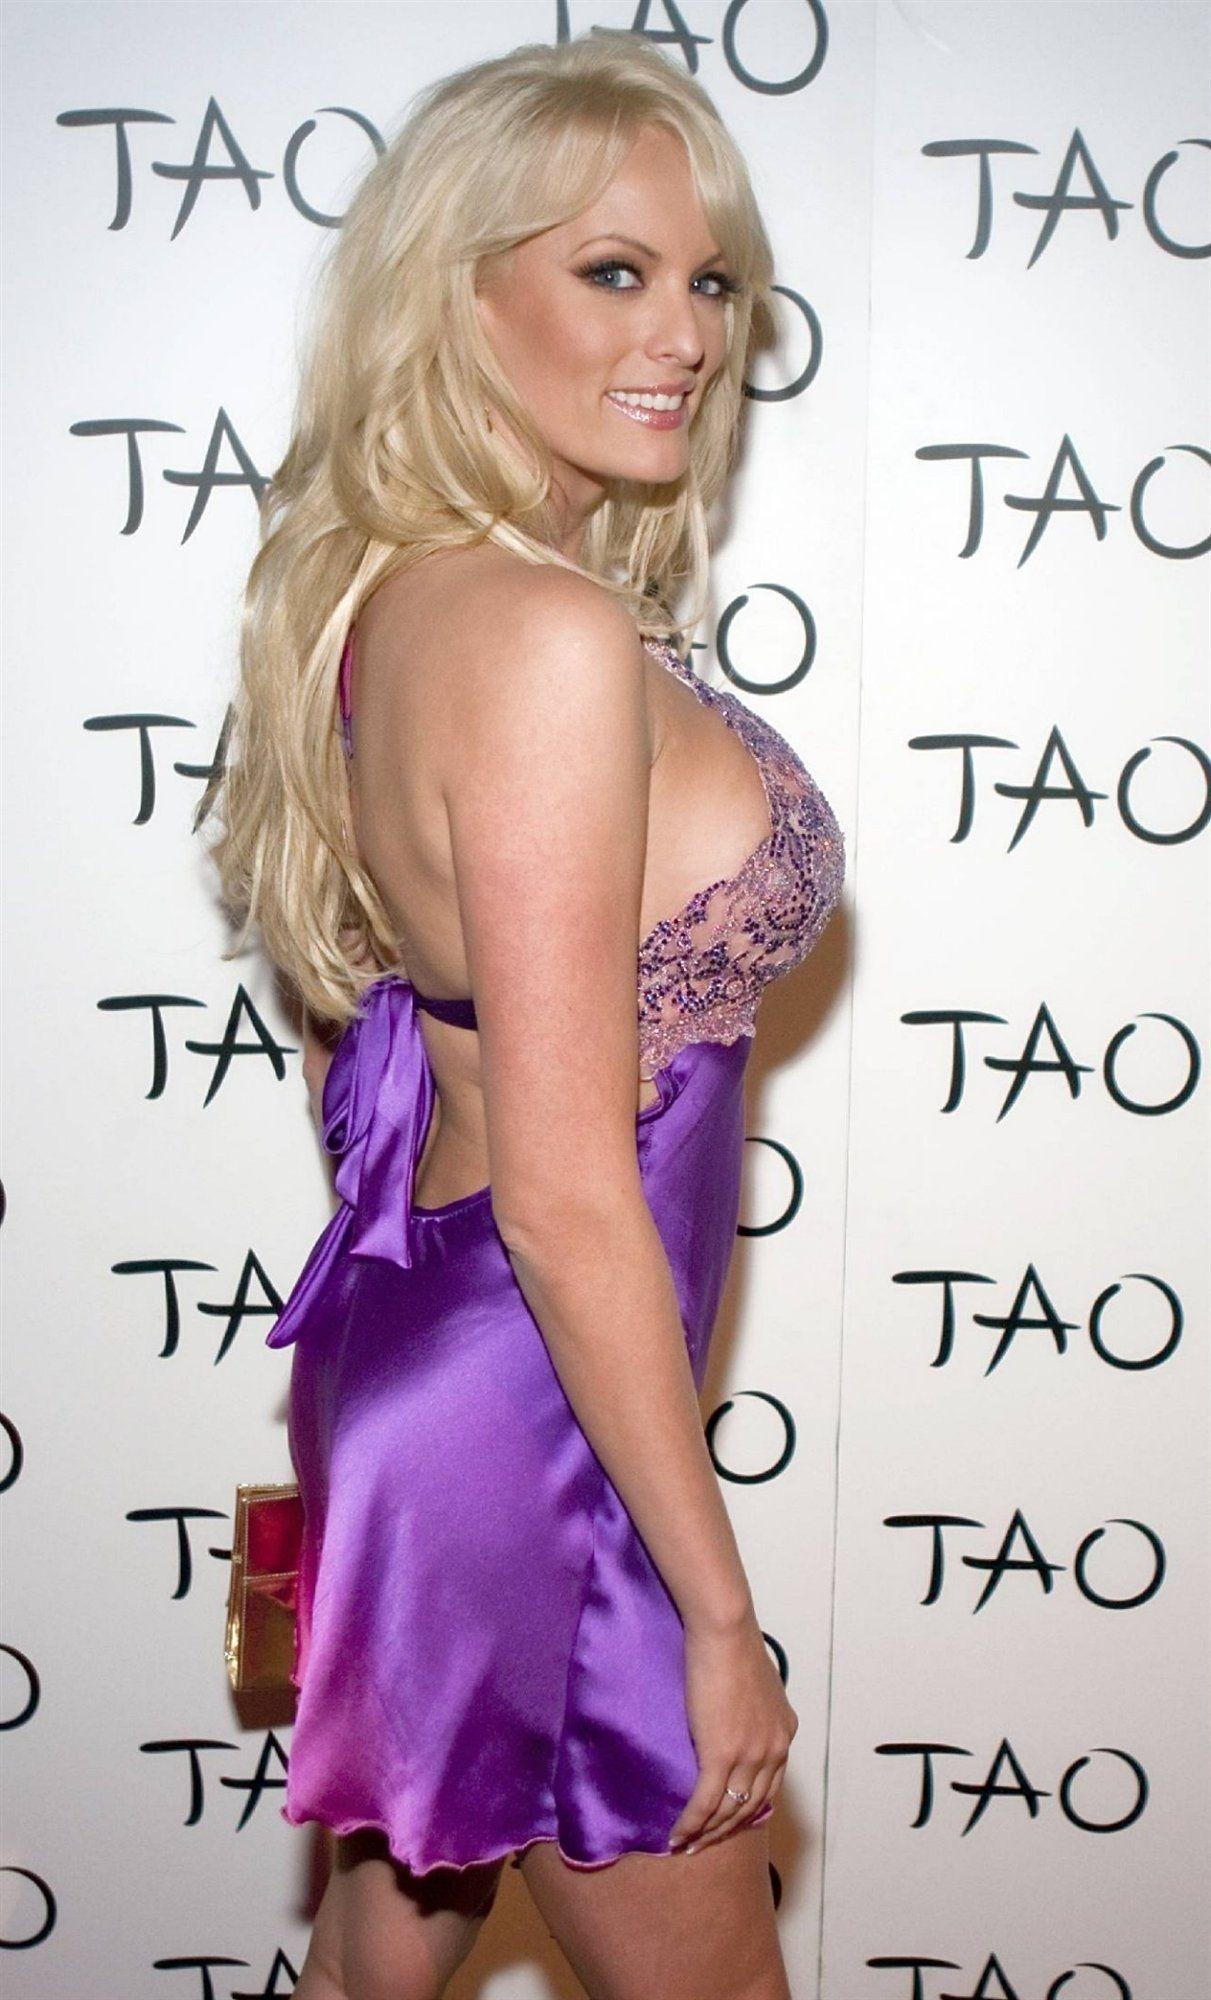 Pin En Hot Girls, Famous Actress,  Supermodels Pt 1-4151